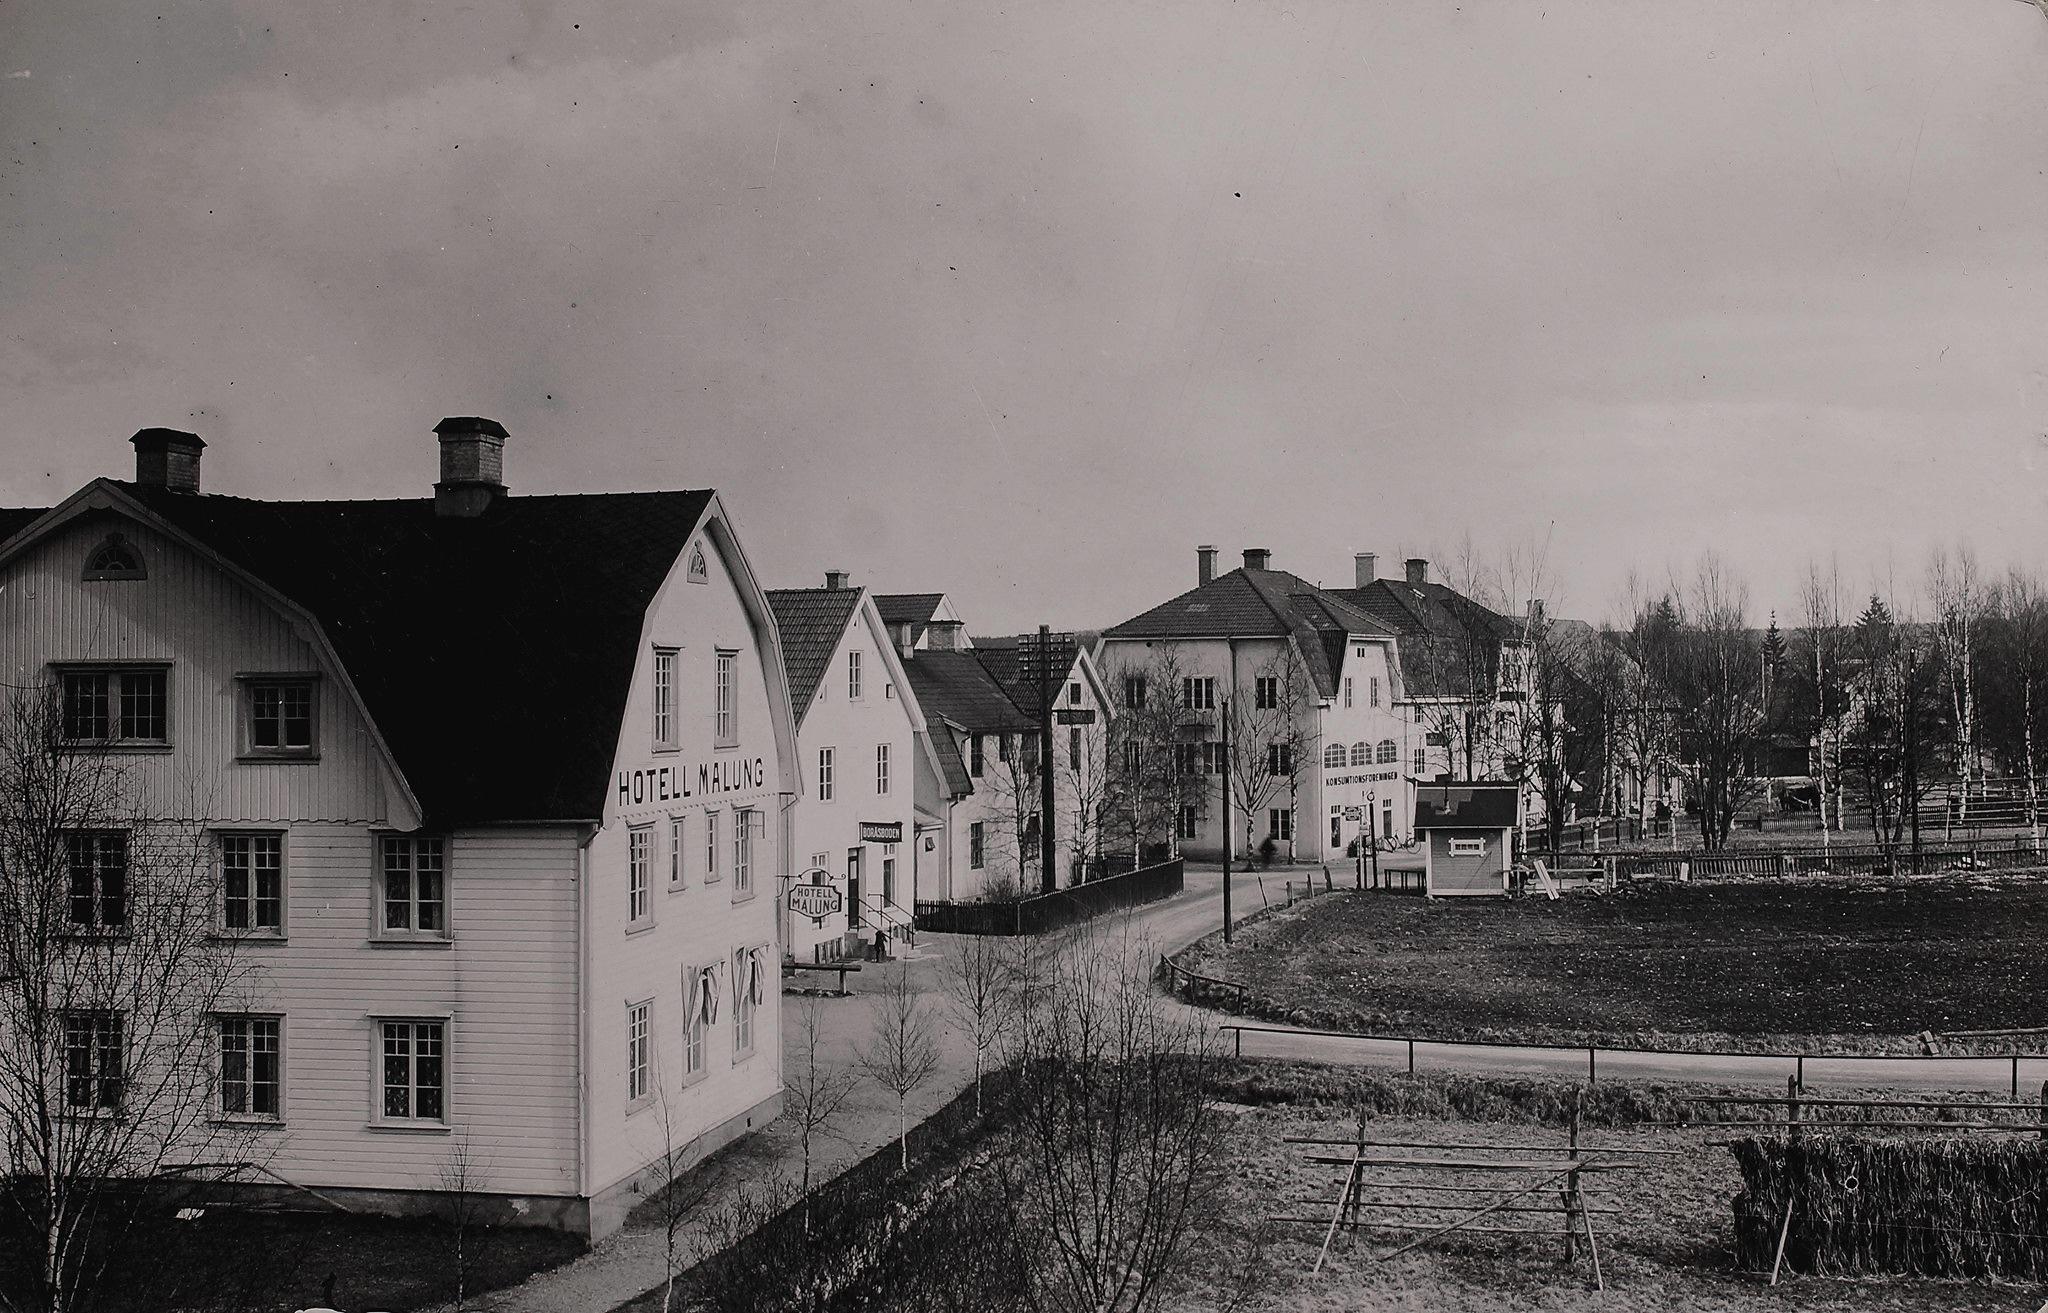 Kurt Stigsson Hotell Malung